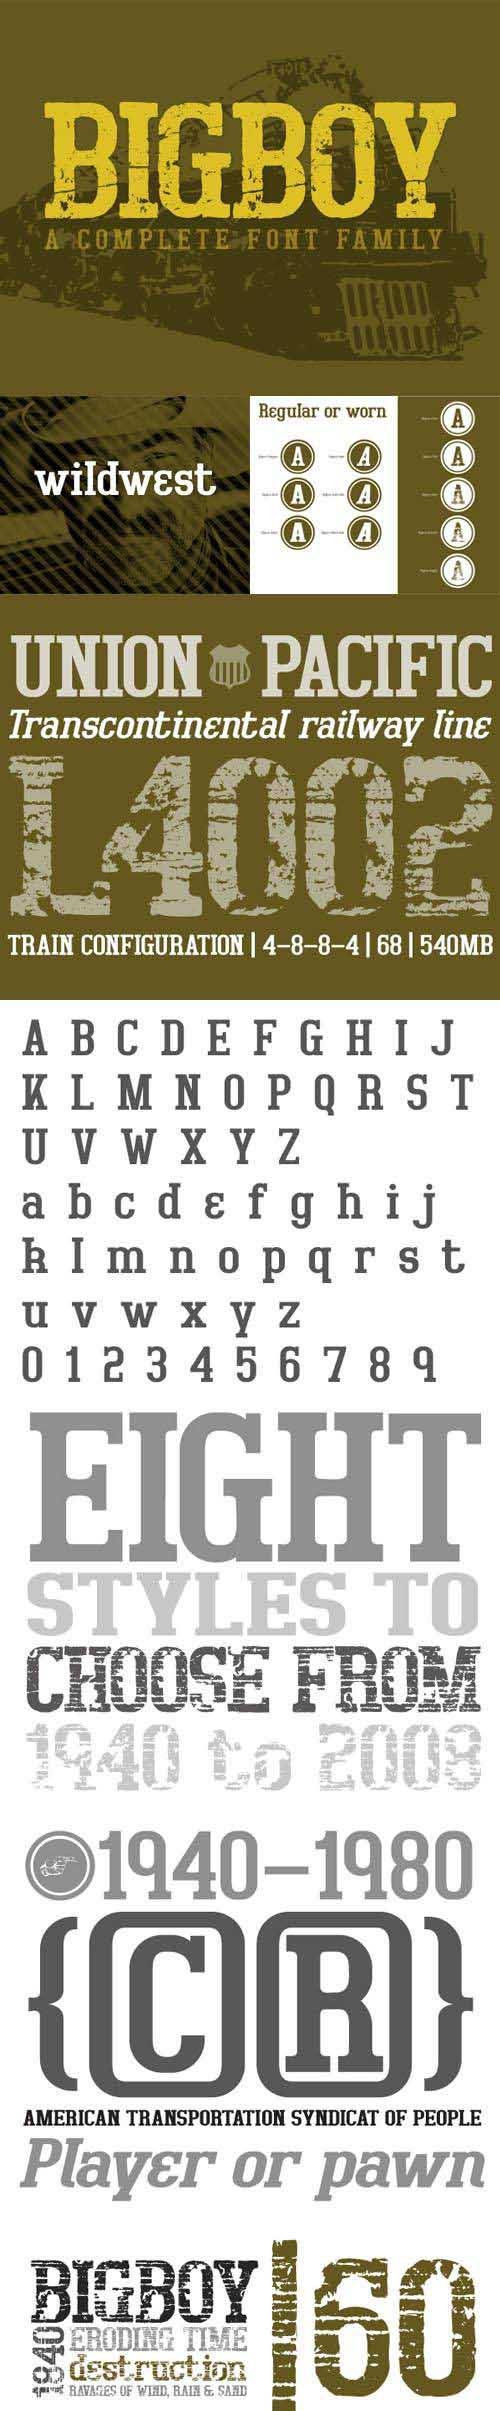 Font - Bigboy